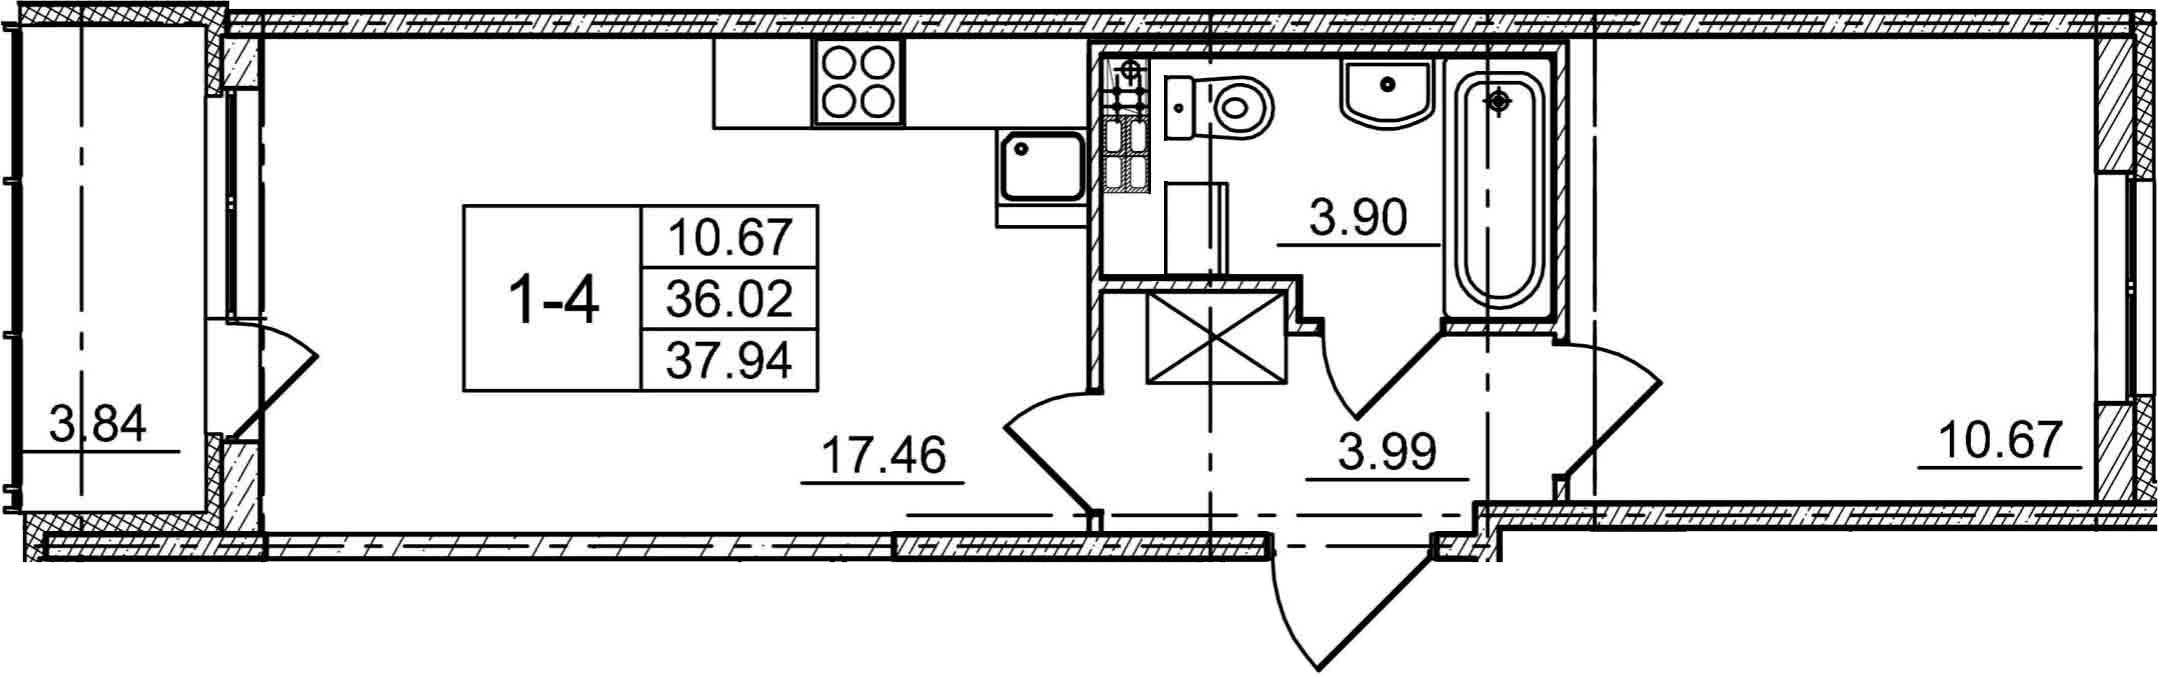 2Е-к.кв, 36.02 м², 3 этаж